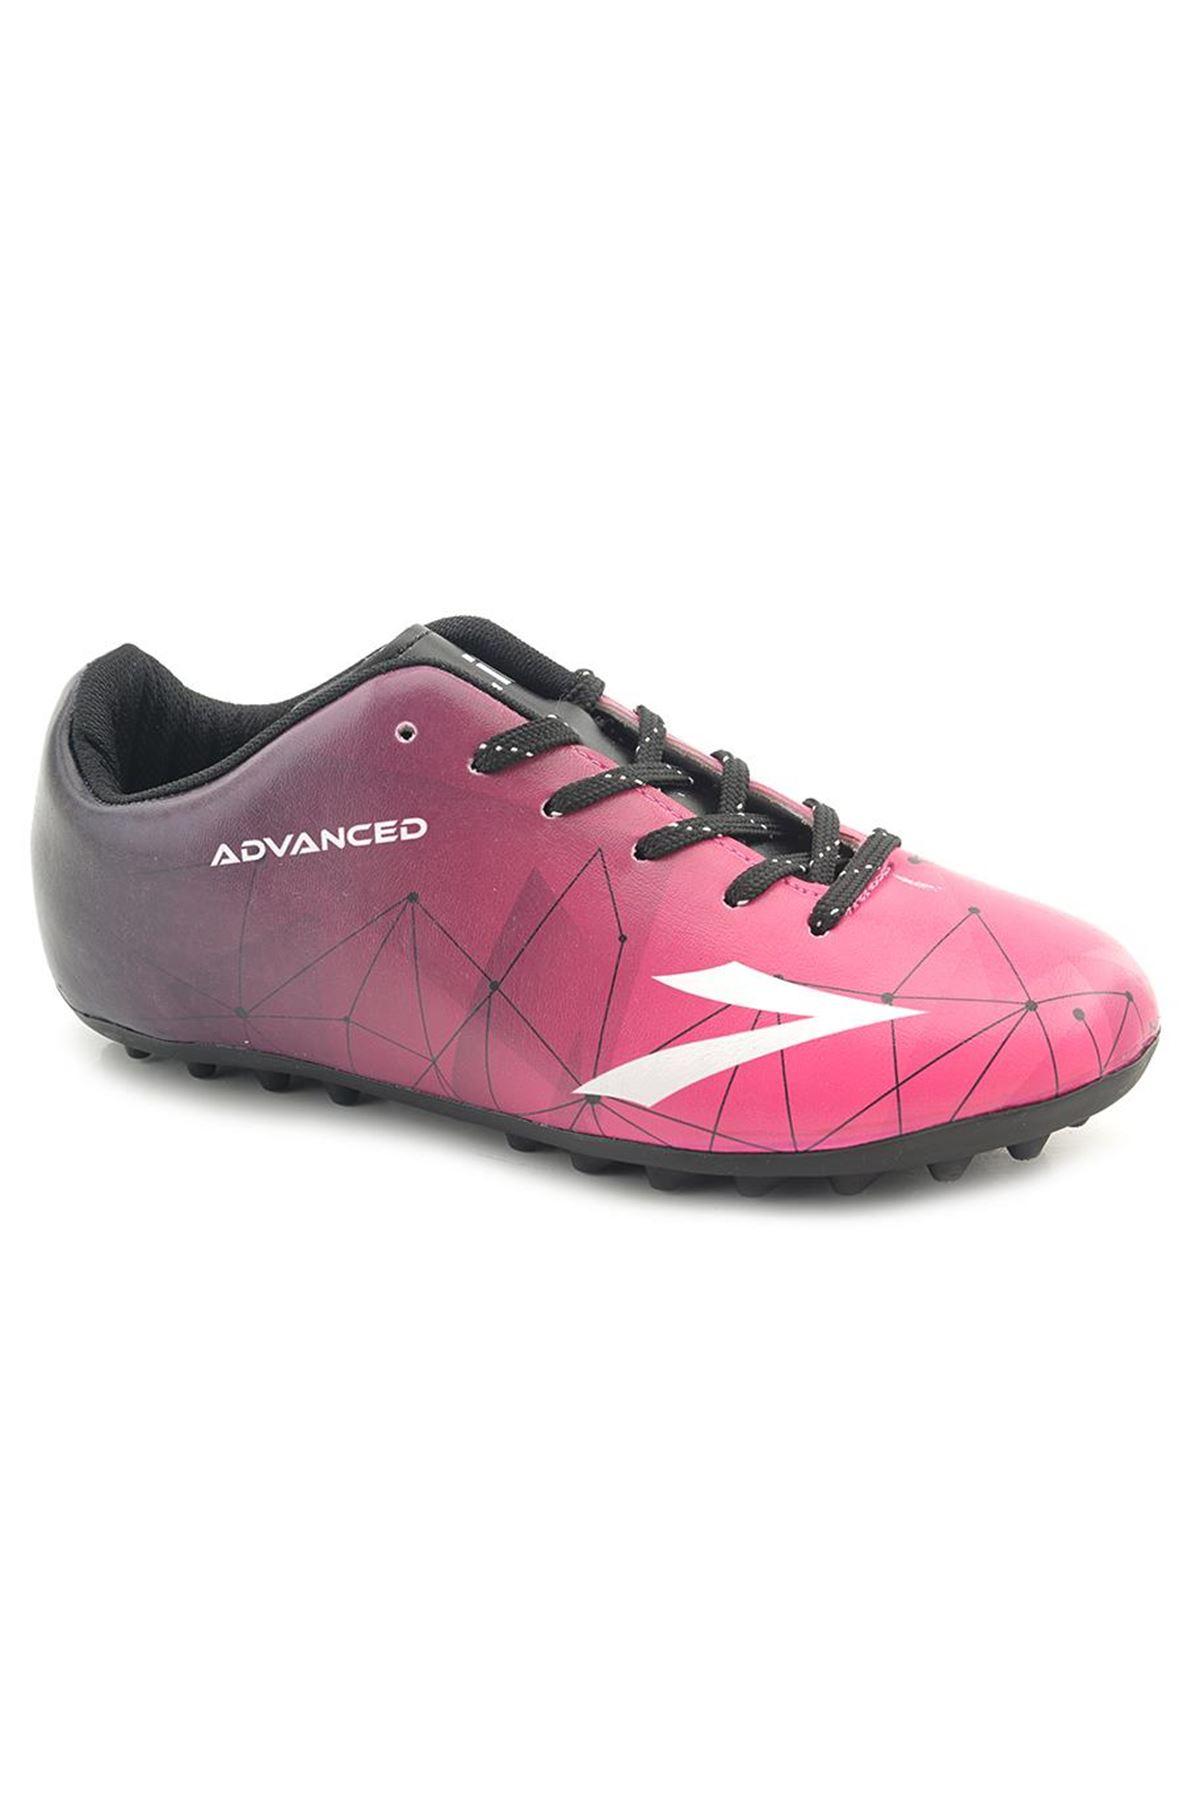 Lig Advanced Halısaha Spor Ayakkabı